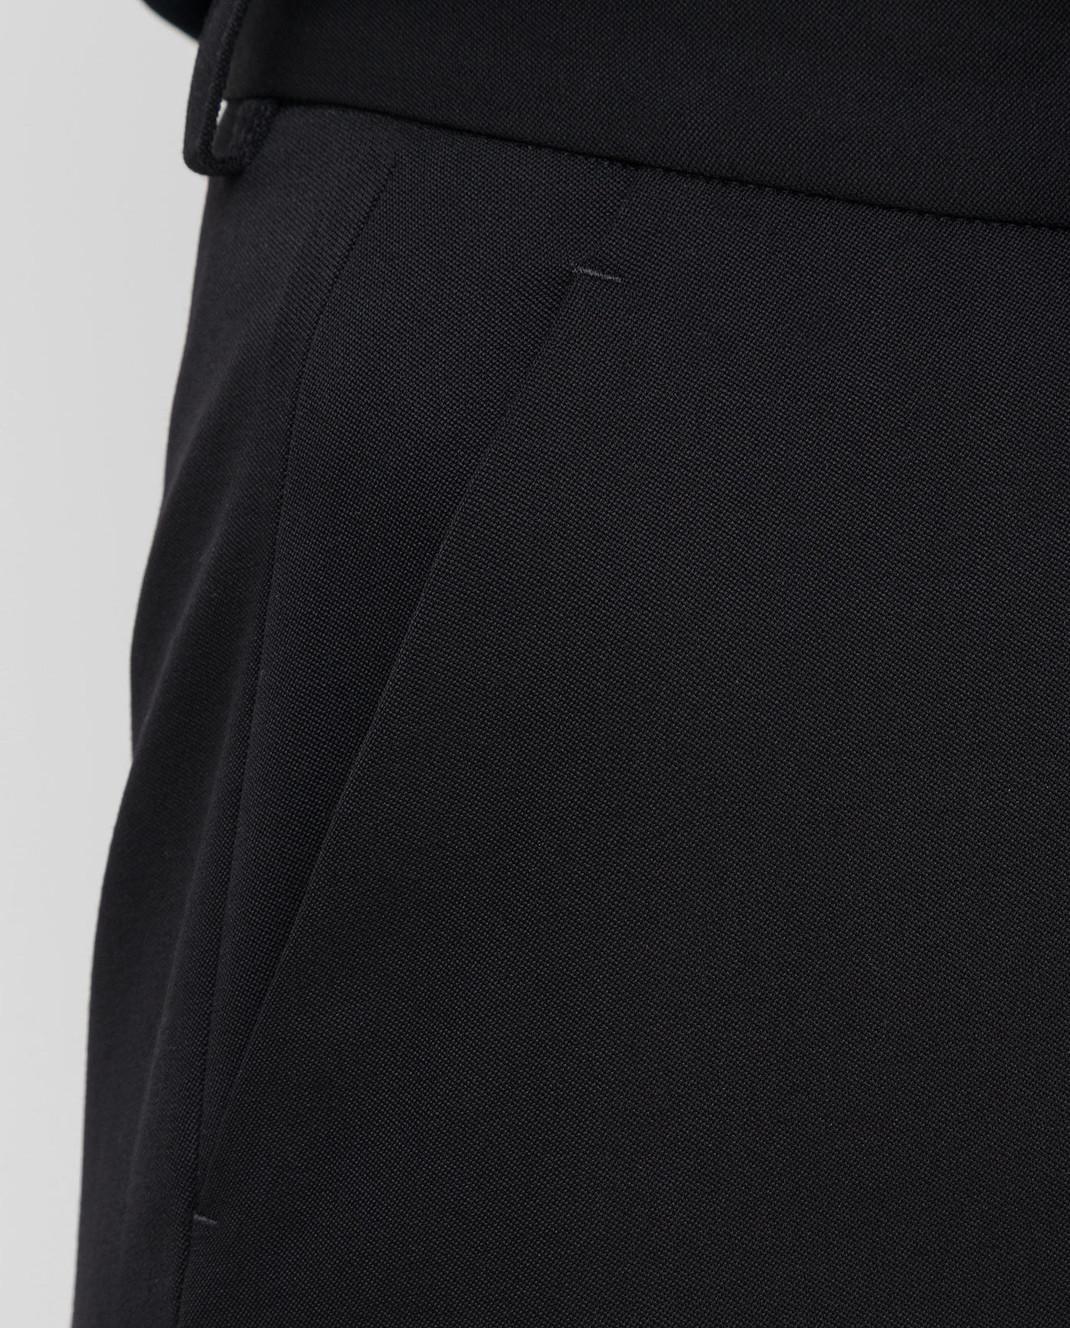 Roberto Cavalli Черные брюки из шерсти DWT211 изображение 5